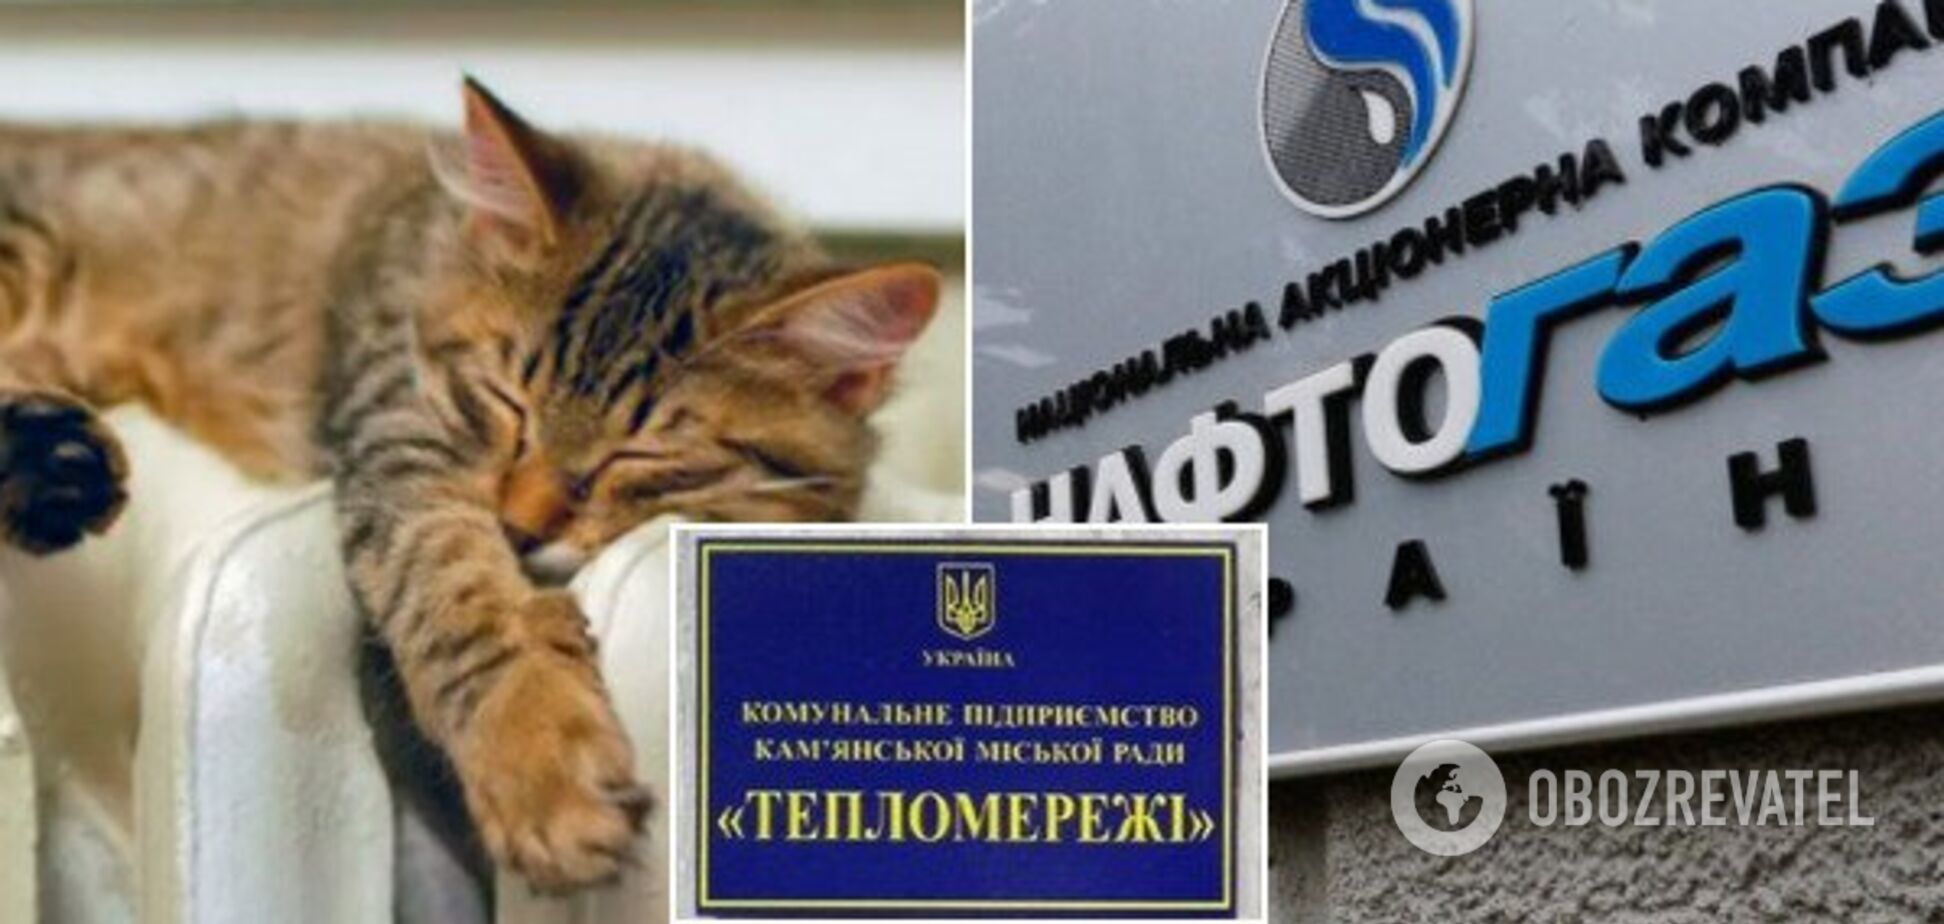 В 'Нафтогазе' предупредили об угрозе срыва отопительного сезона на Днепропетровщине